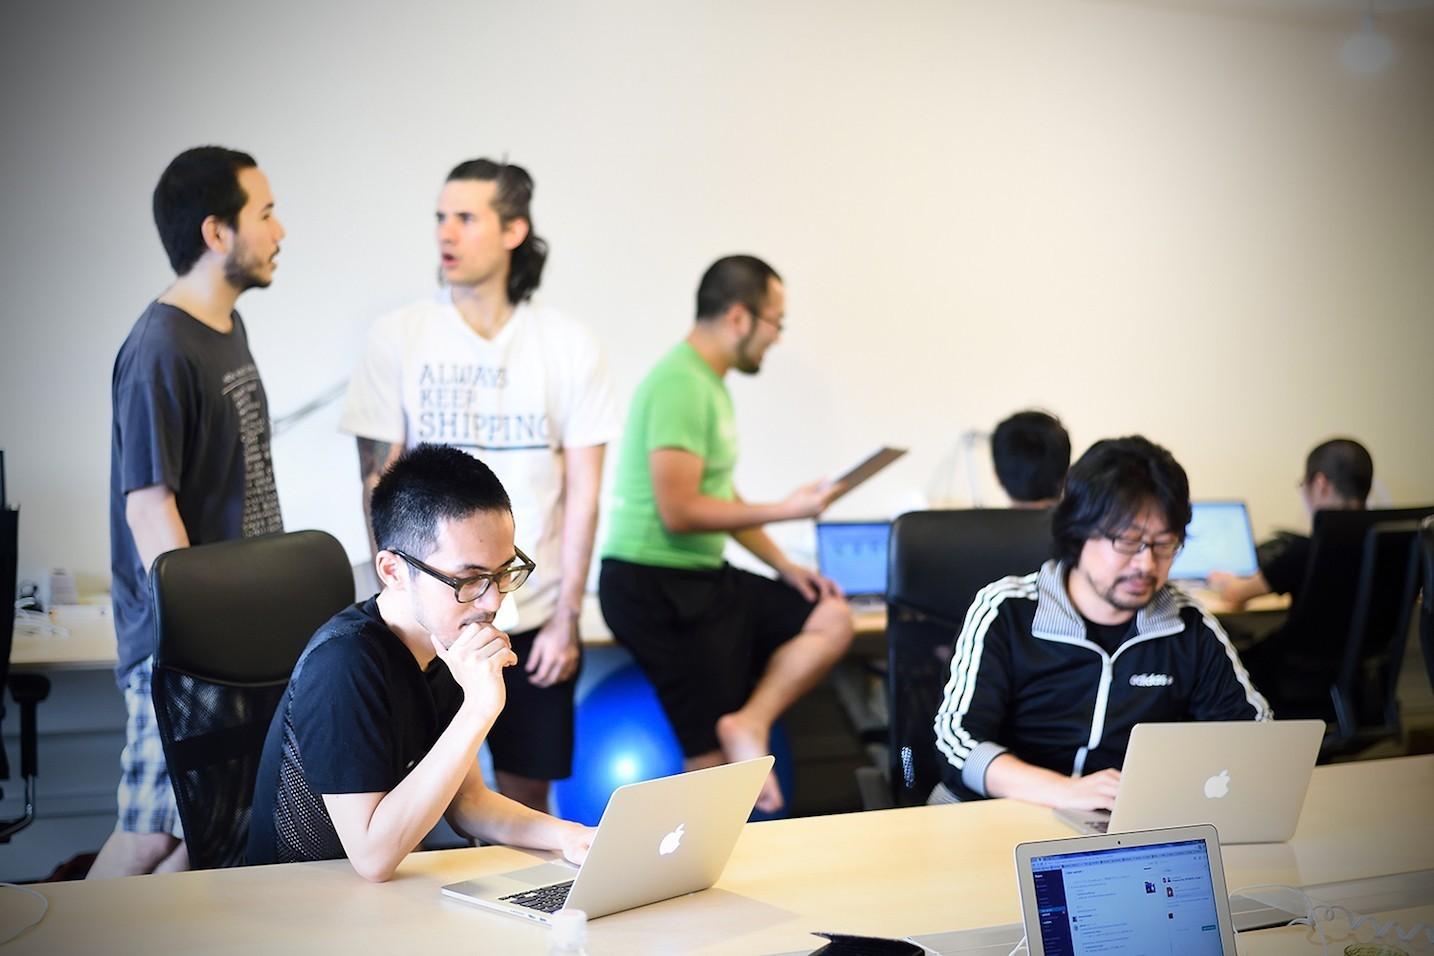 【Rails】受賞歴多数・世界市場に挑戦するグロースハックツール「Repro」を開発するWebエンジニアを募集!